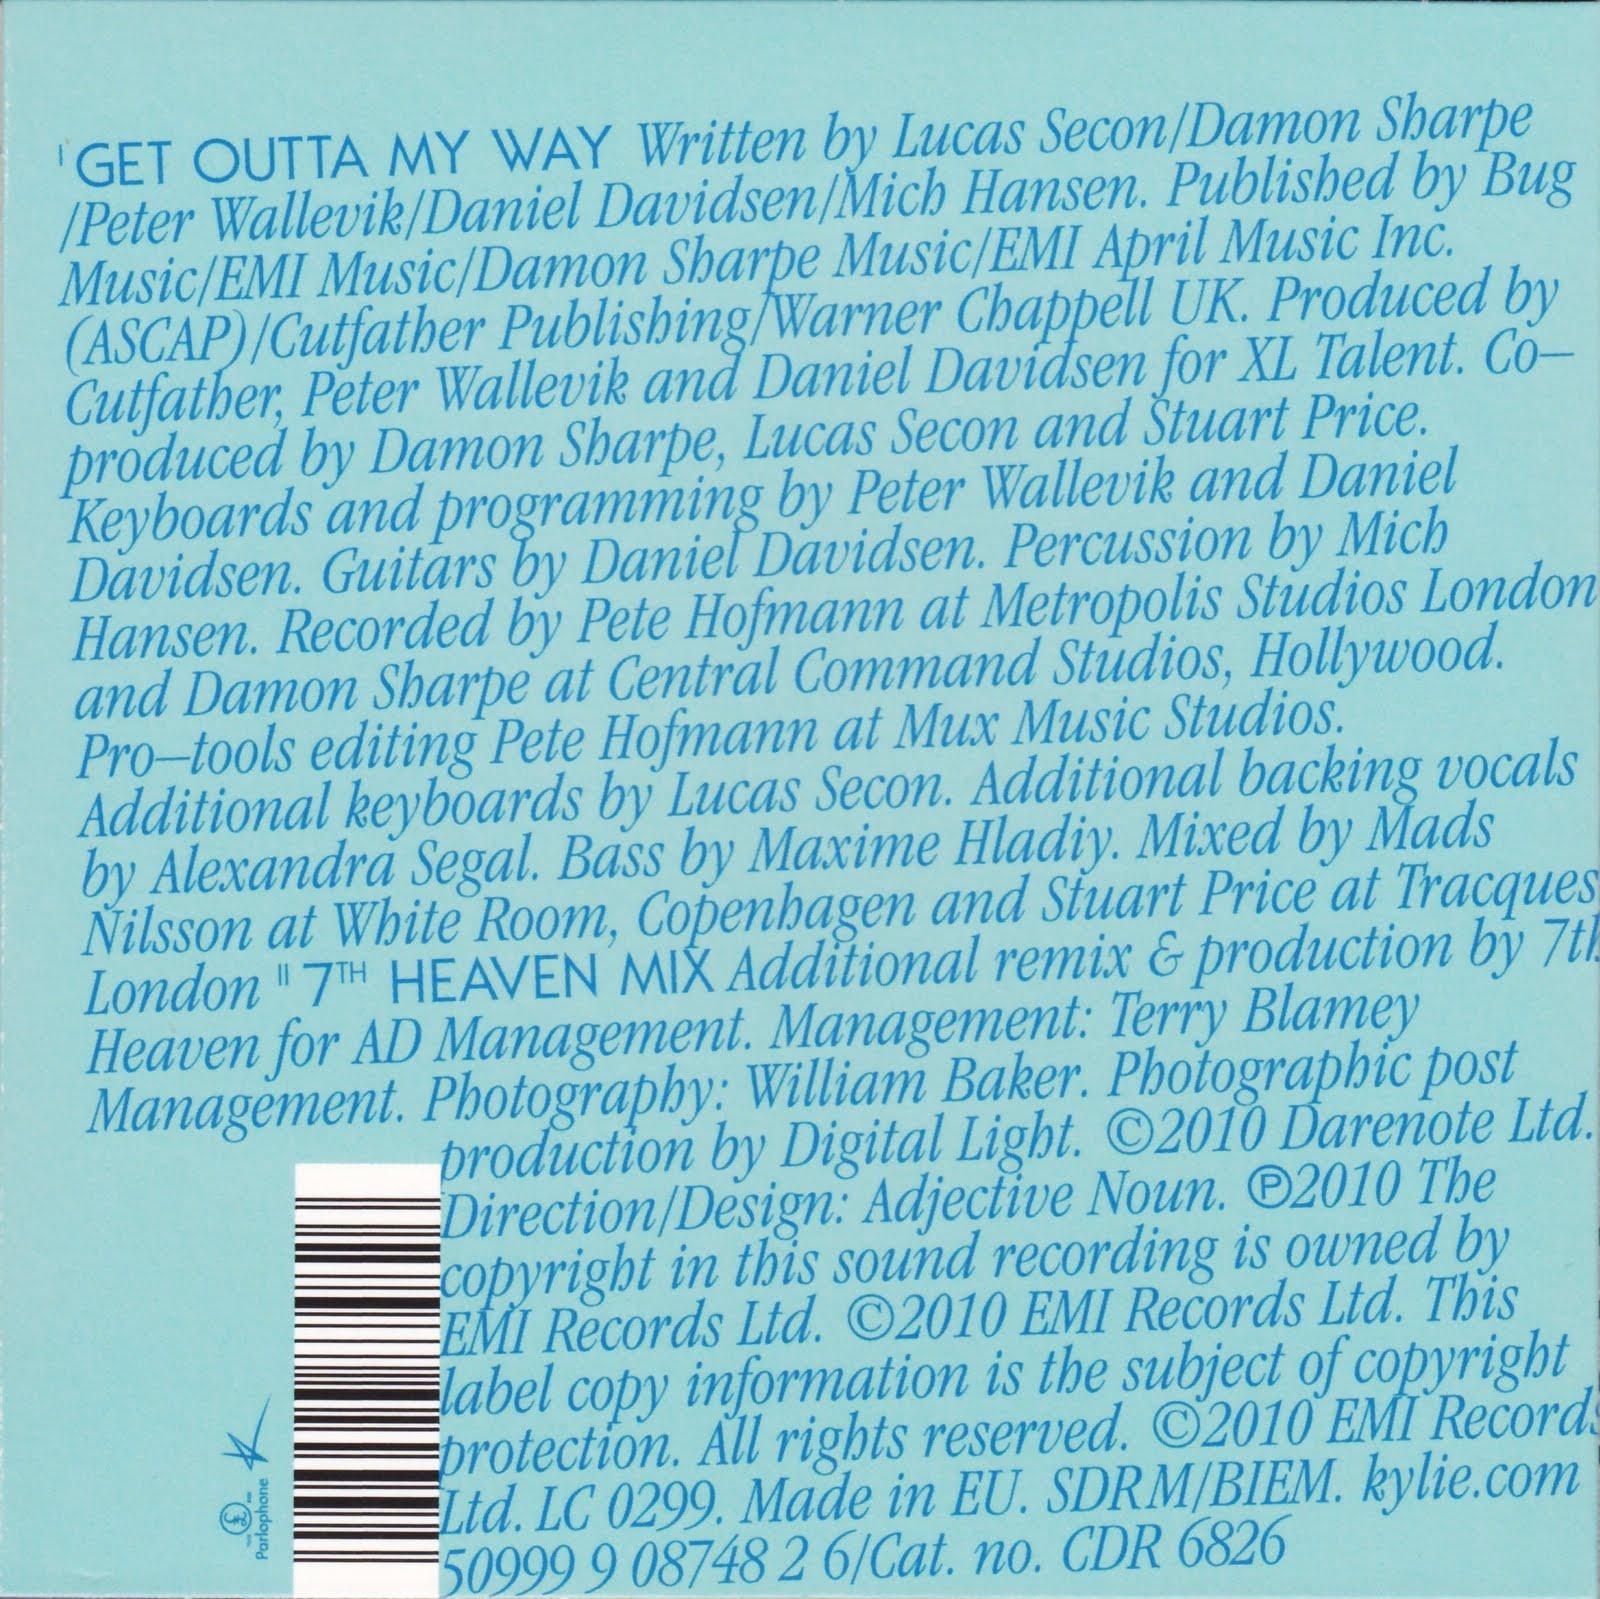 http://2.bp.blogspot.com/-smSA9nGnOXc/Tj3jMR_1otI/AAAAAAAAC_s/Ehp24qUq1M4/s1600/%255BAllCDCovers%255D_kylie_minogue_get_outta_my_way_cd2_2010_retail_cd-back.jpg